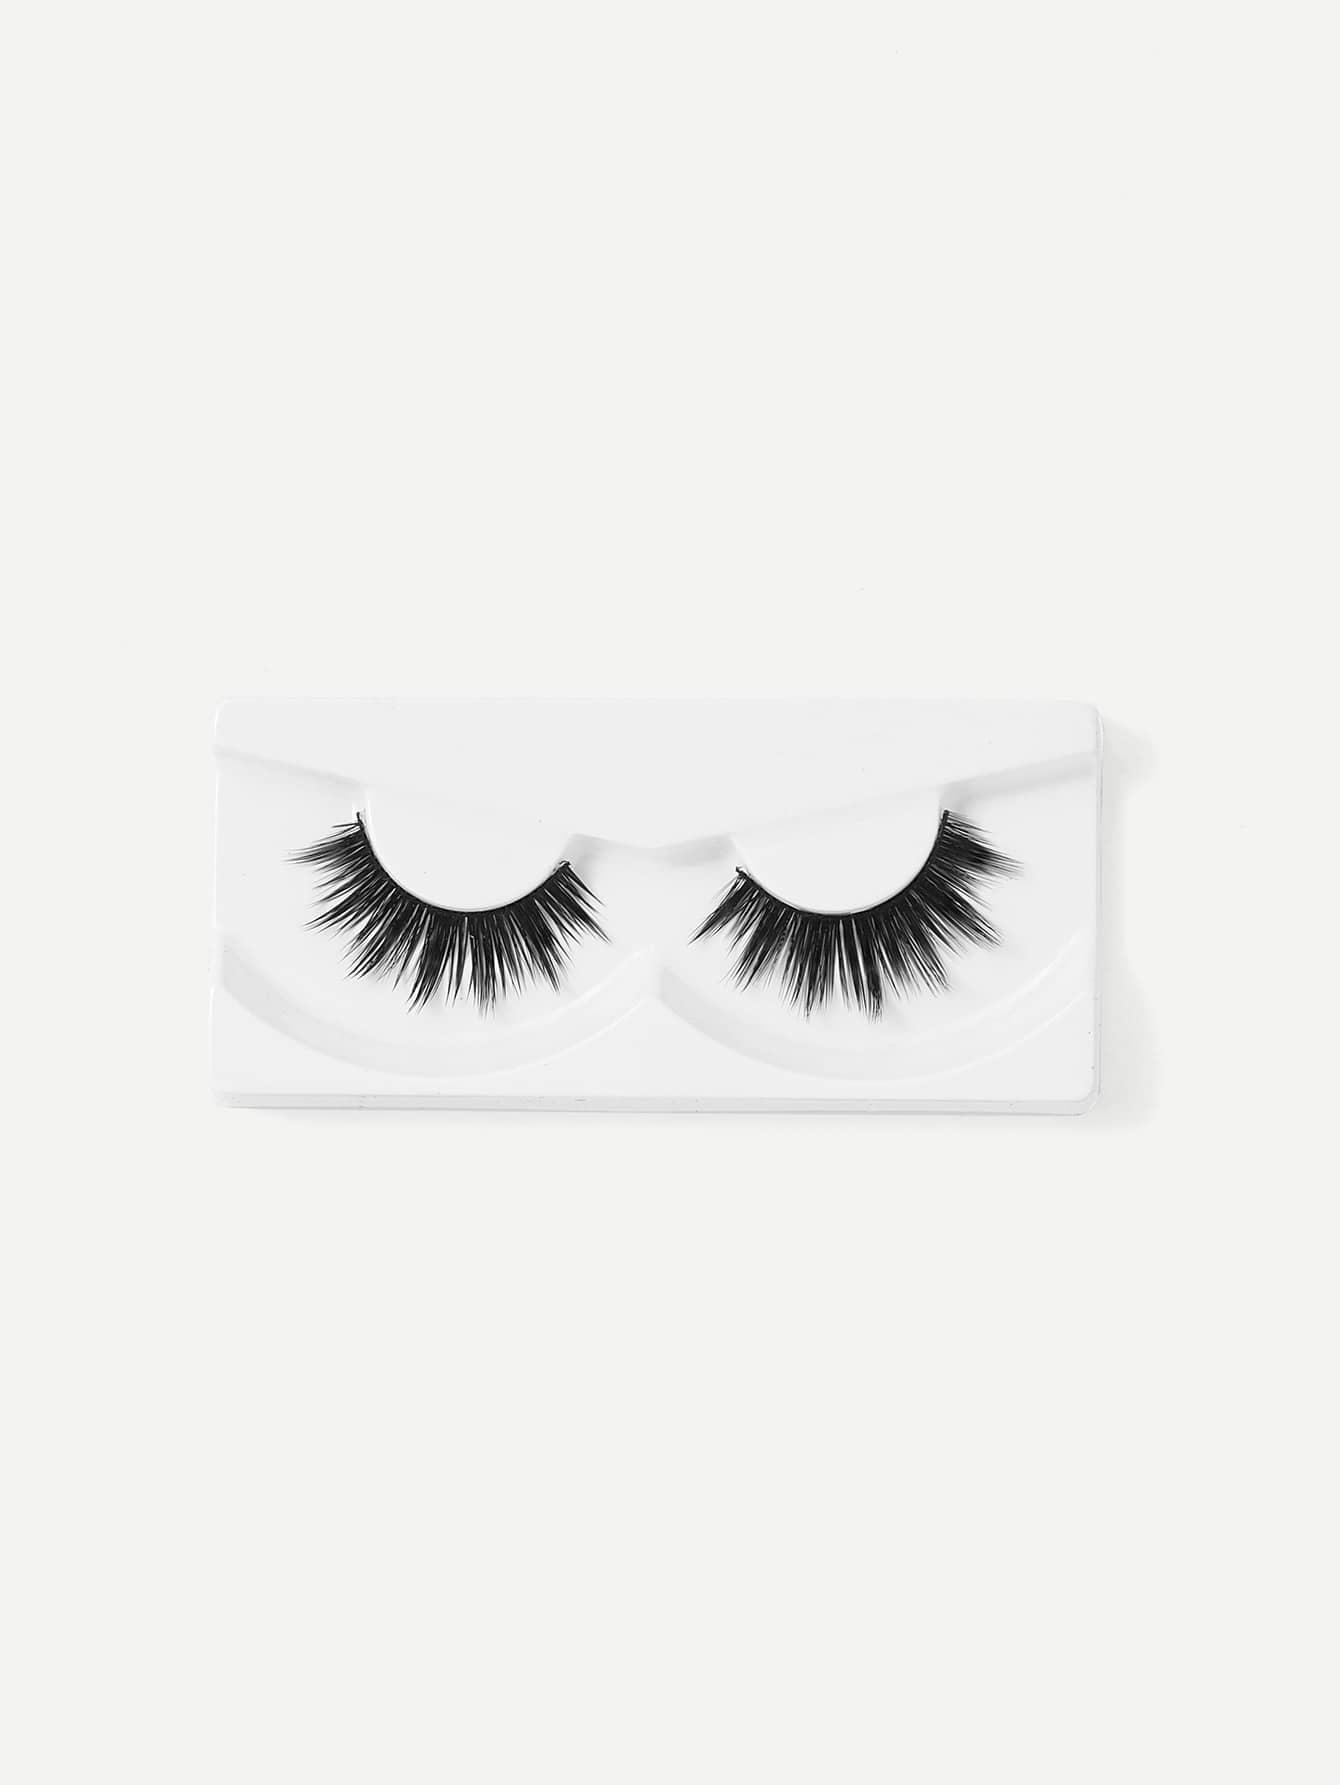 Curling Volumizing False Eyelash 1pair jiaocan 7011 eyelash super volumizing mascara combination